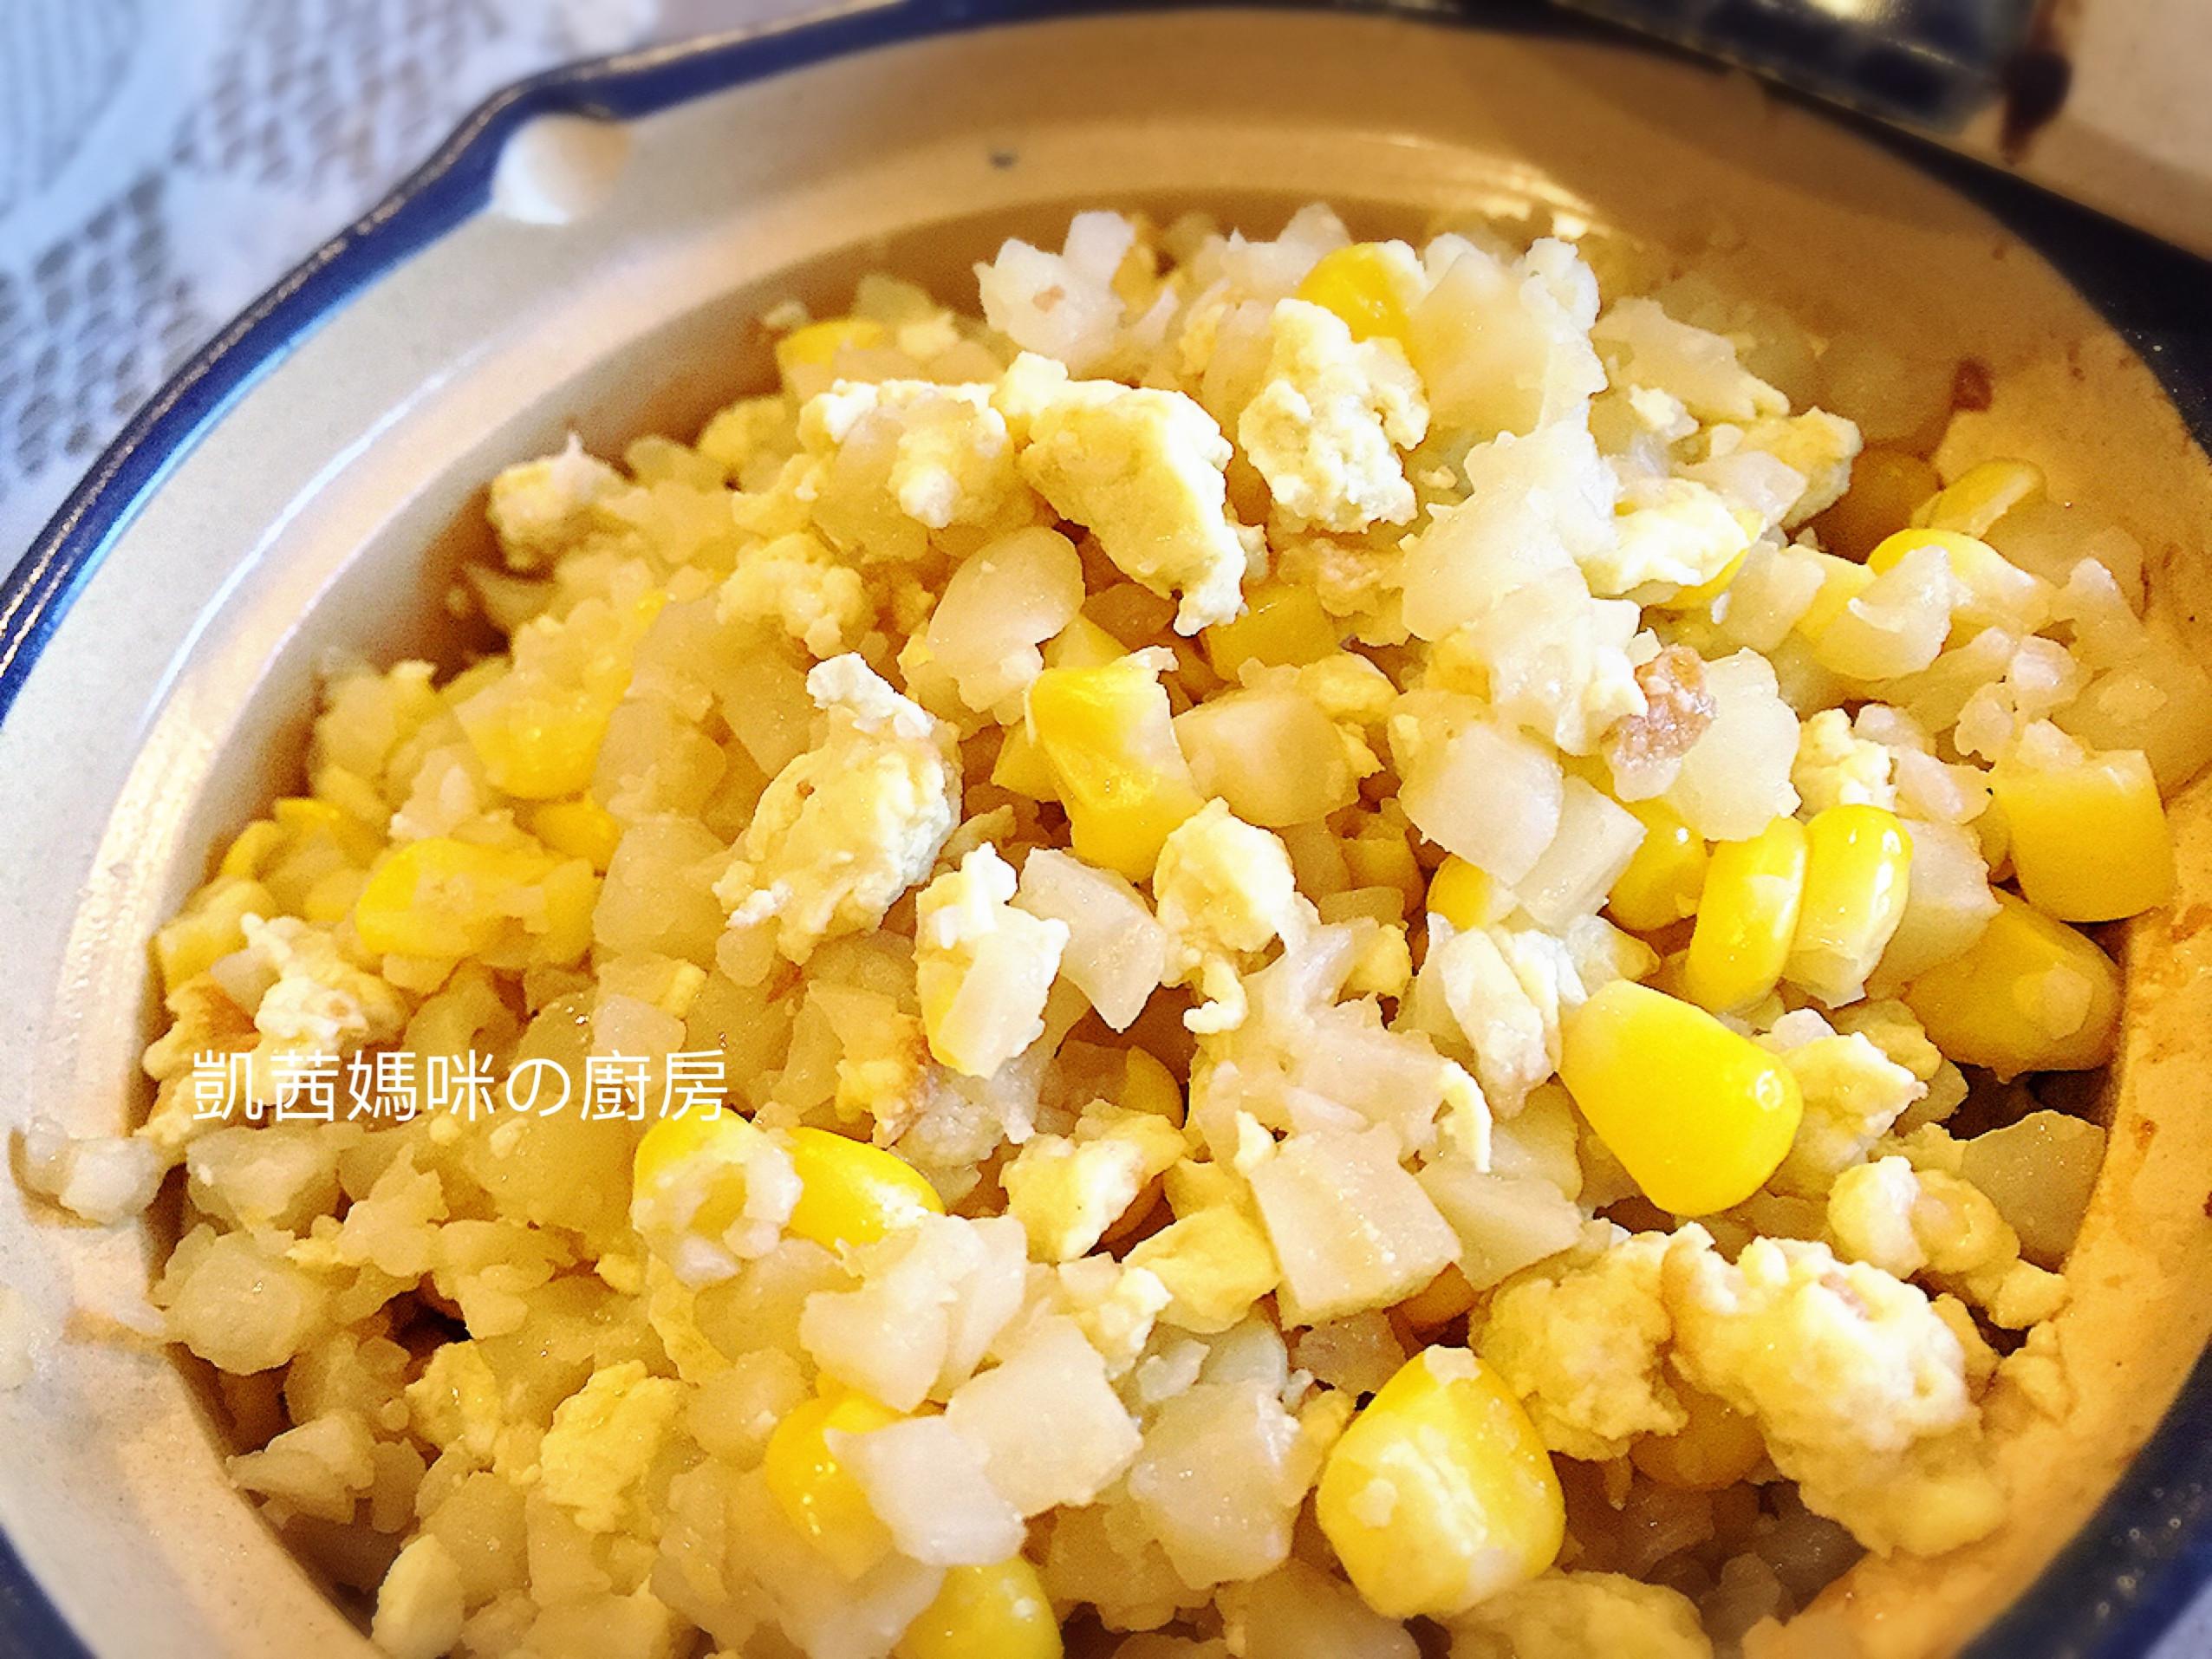 偽玉米蛋炒飯🎶